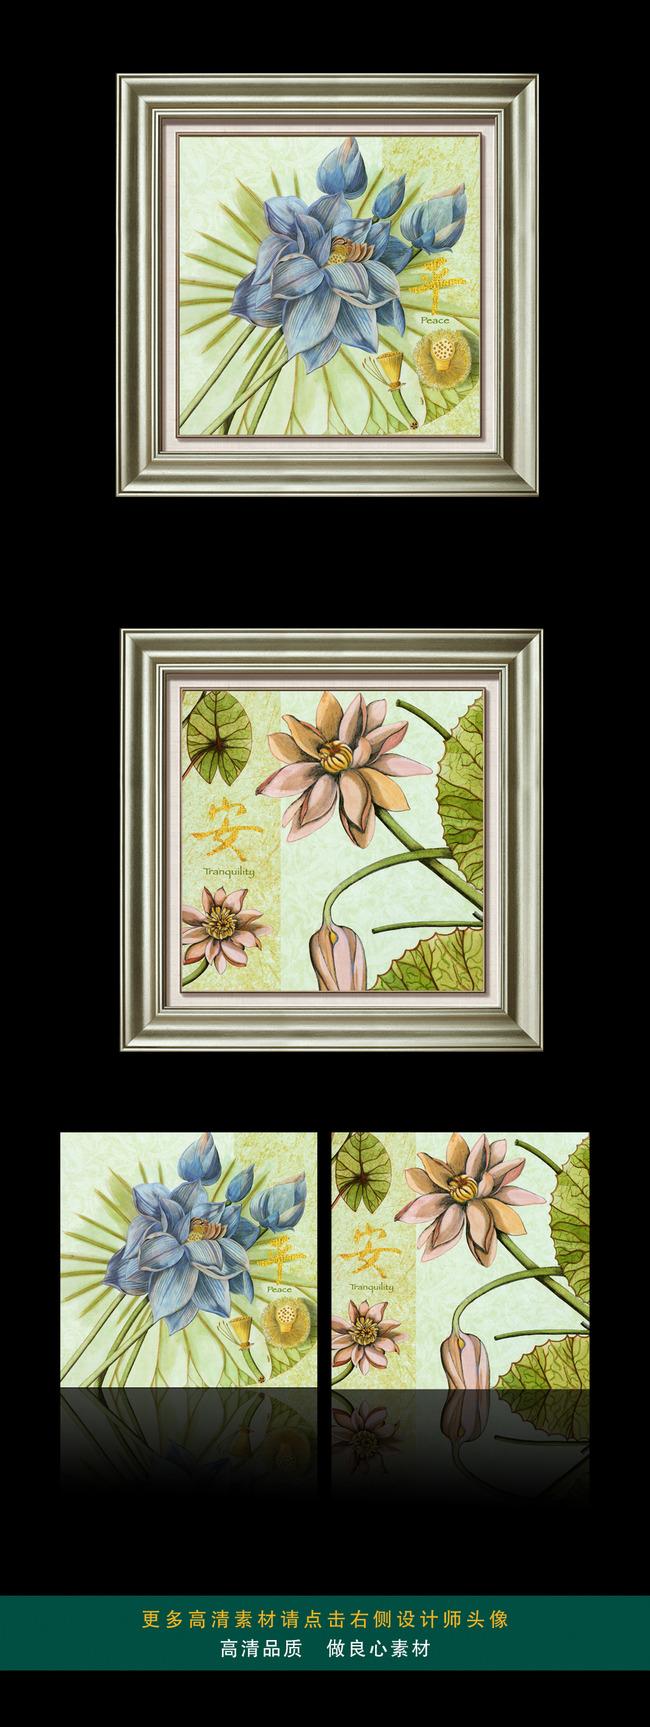 手绘复古欧式油画水粉画热带植物